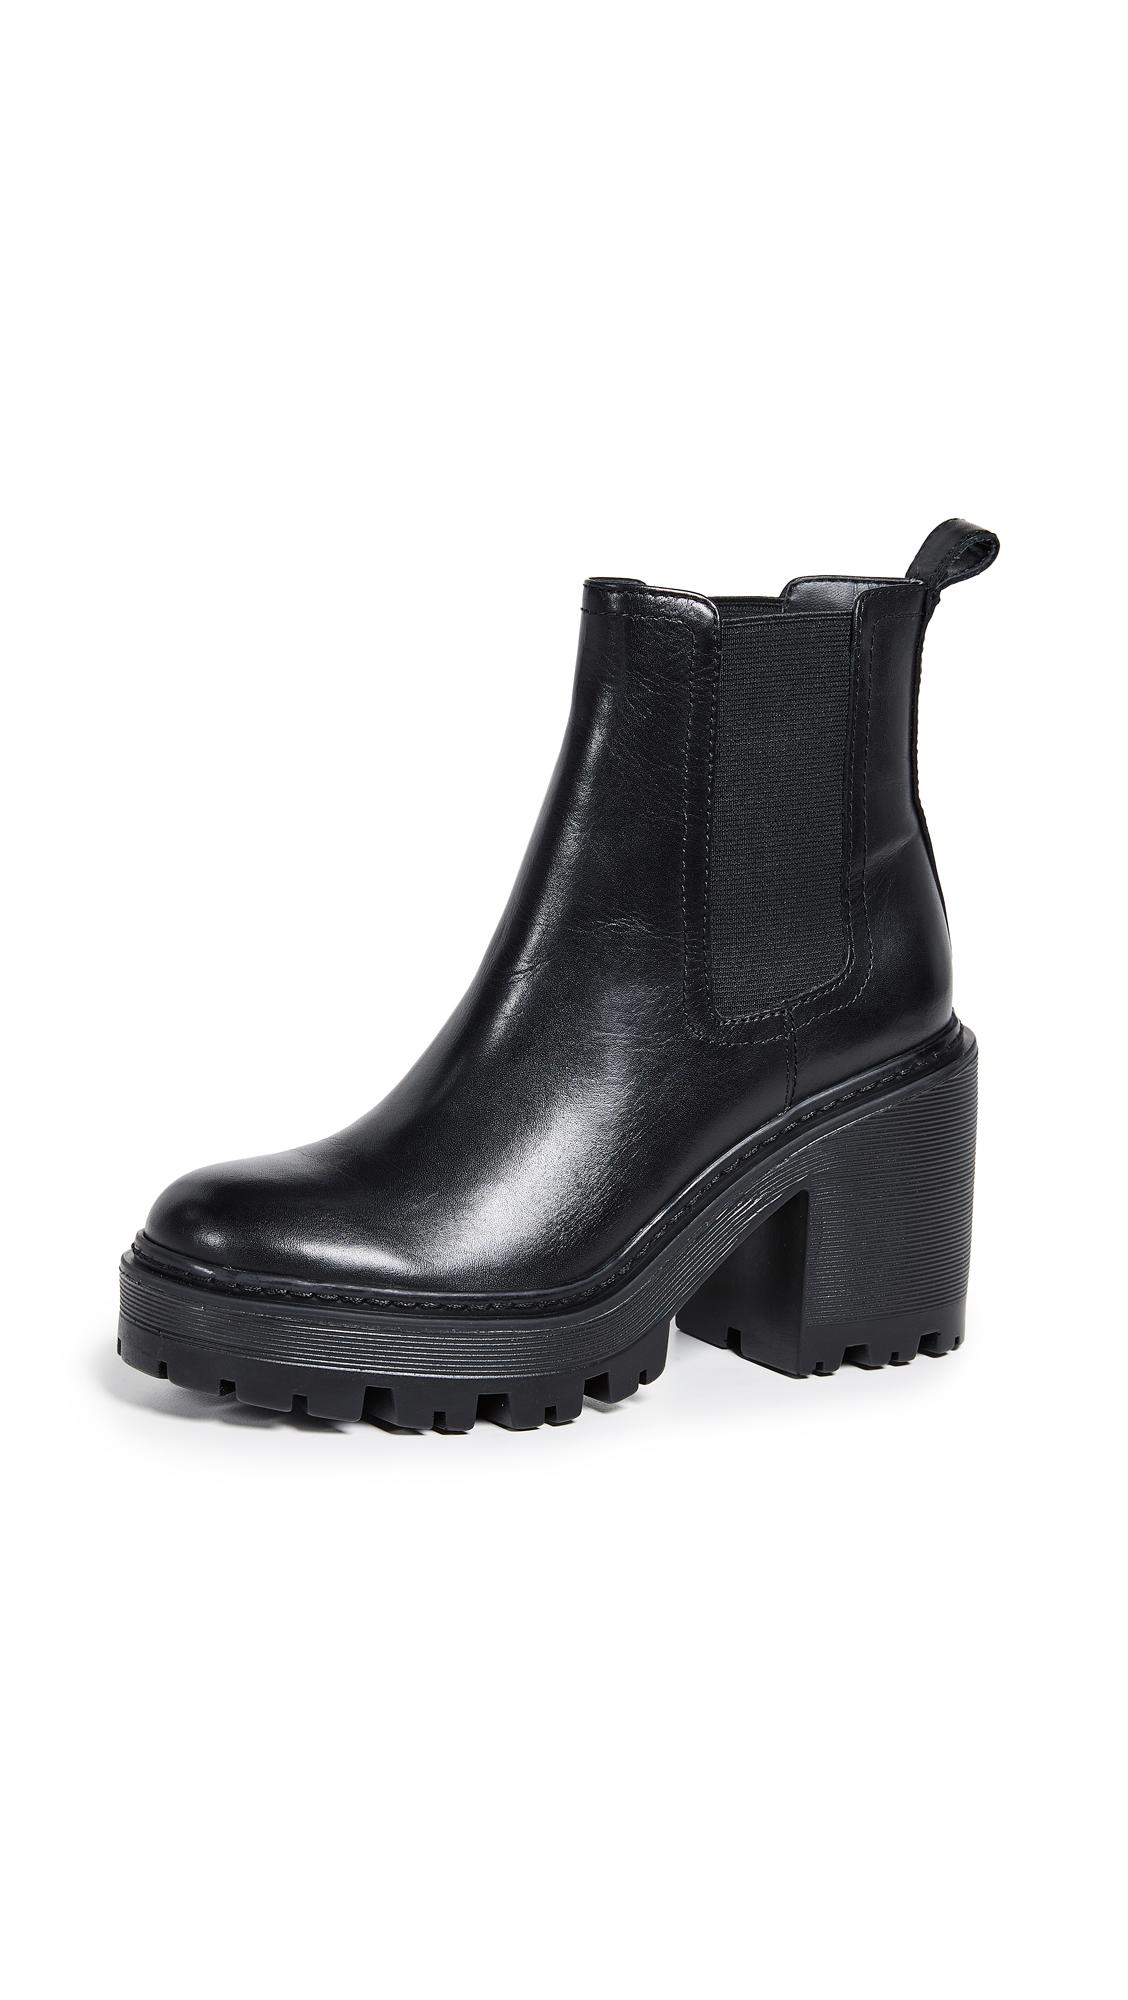 KENDALL + KYLIE Jett Chelsea Platform Booties - Black